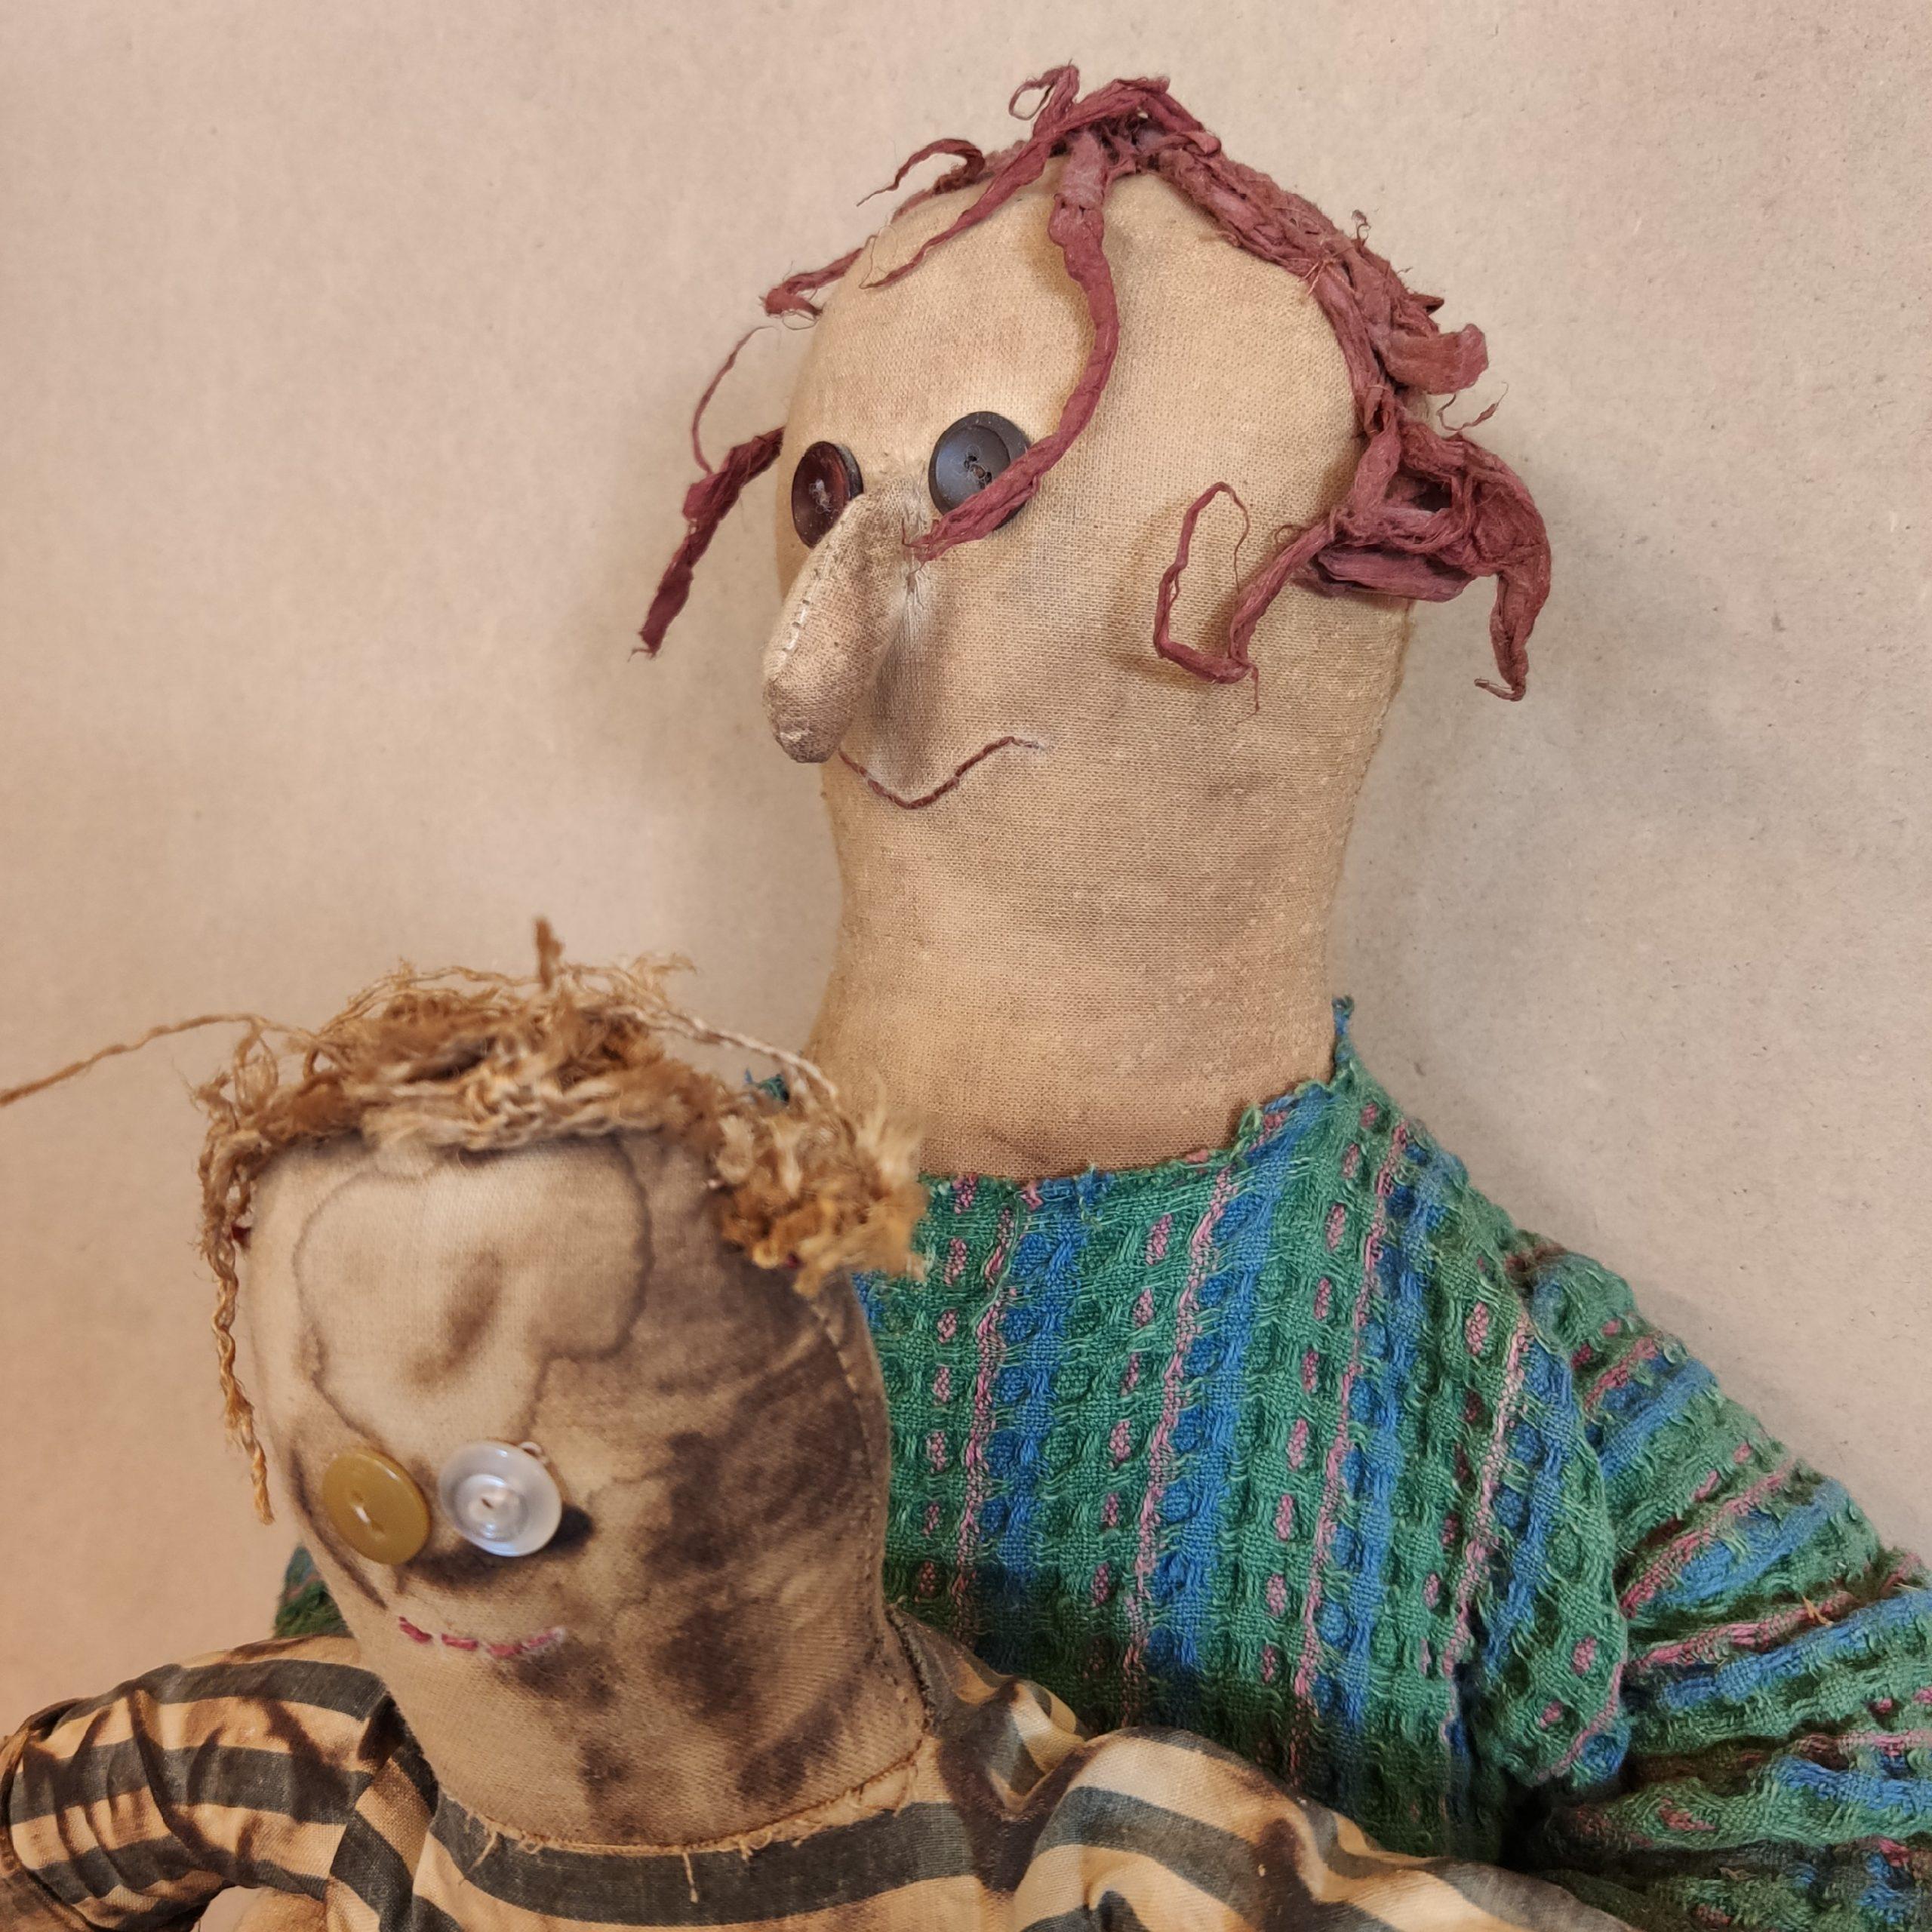 Κούκλα υφασμάτινη μαμά-παιδί – Fabric mother-child doll